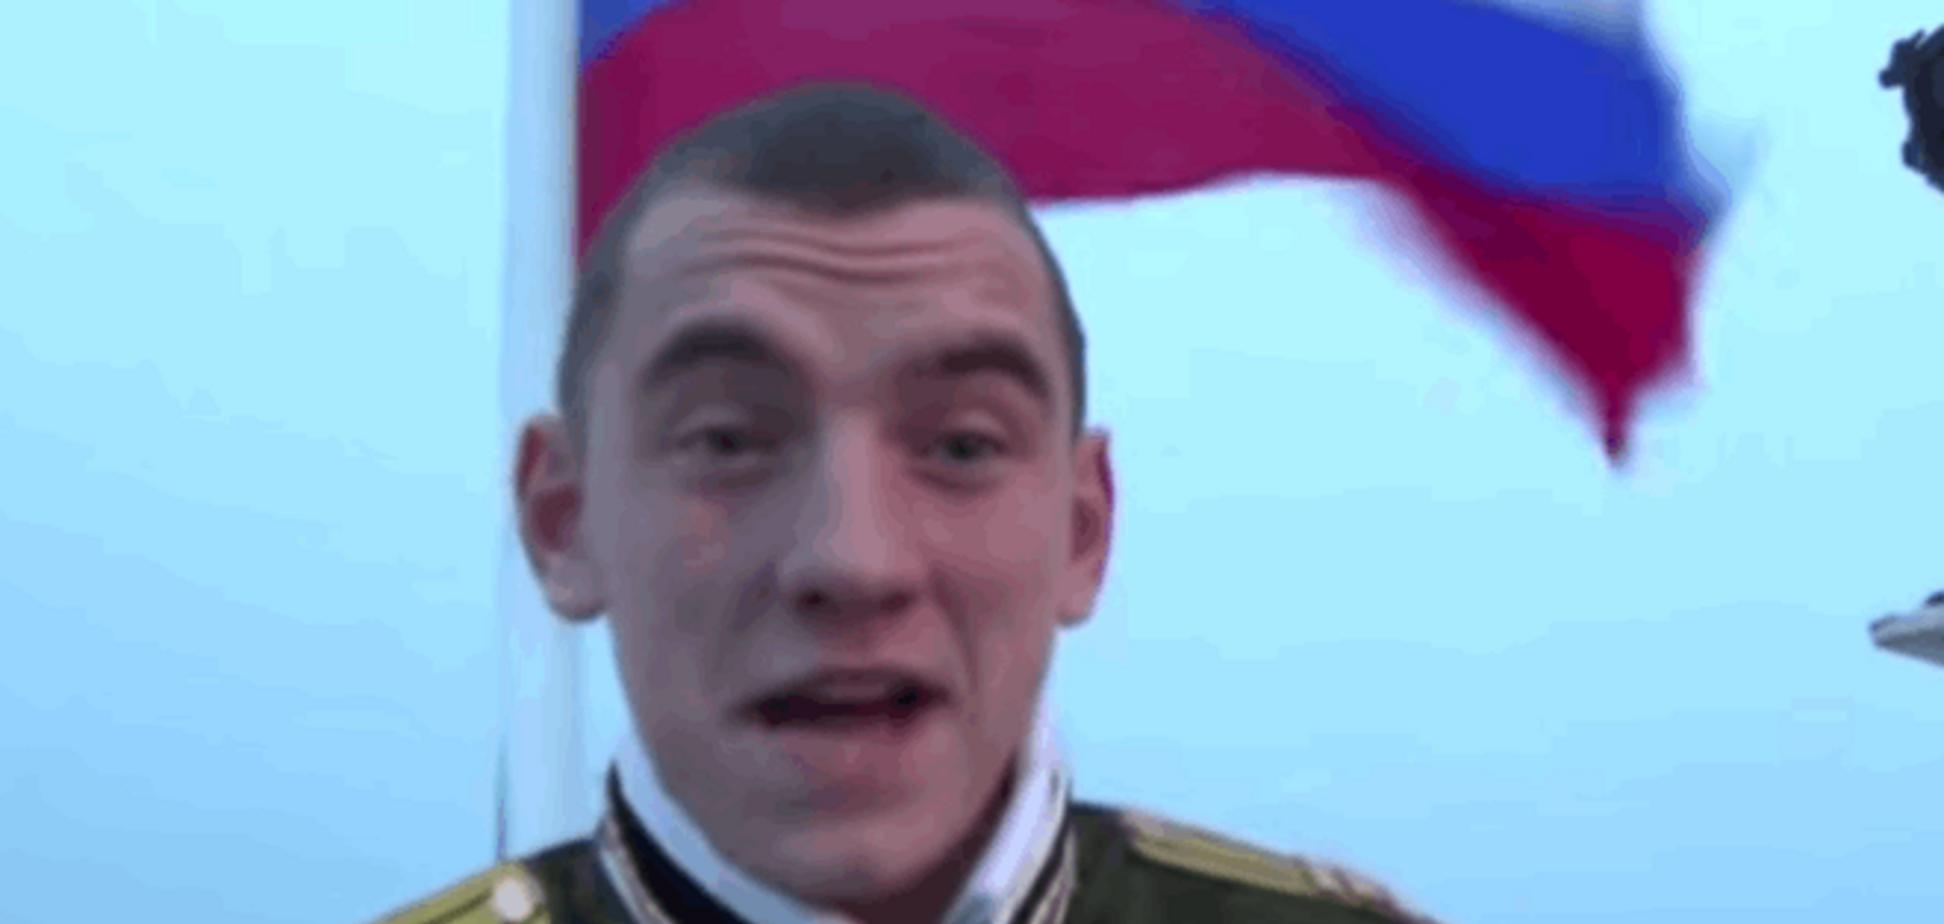 Хотят ли русские войны? Сеть взорвало правдивое видео об оккупантах в Украине